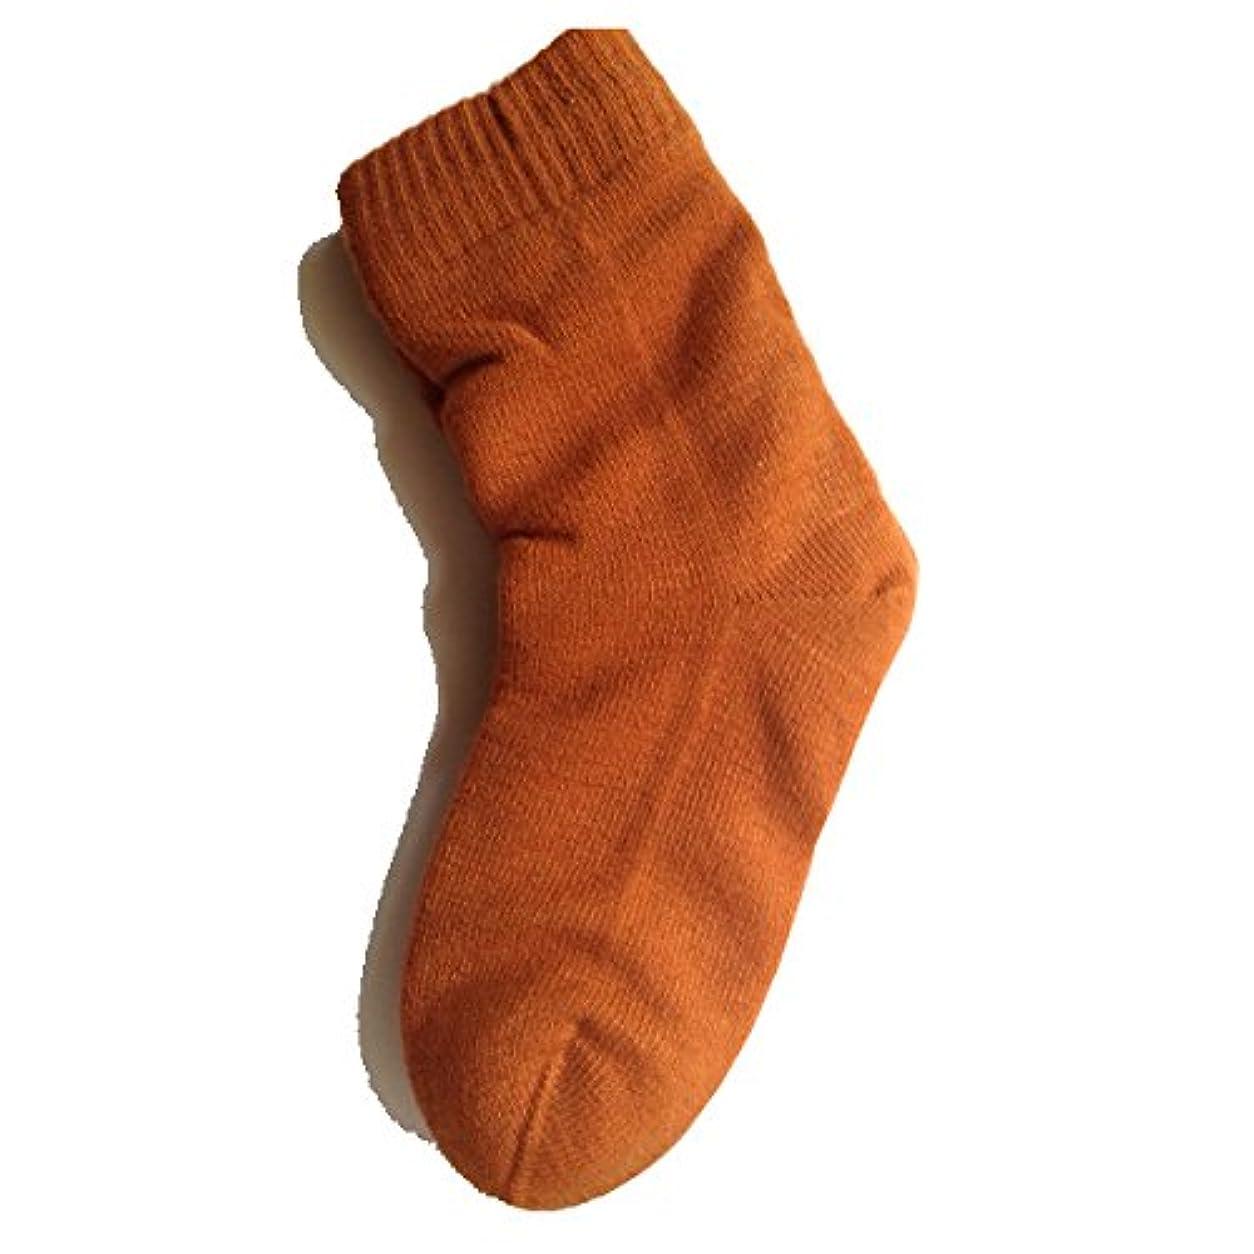 その他実質的気をつけて女性用 カサカサかかと解消靴下 ラブヒール パーシアンレッド 【遠赤外線パワー&温熱?保湿効果】